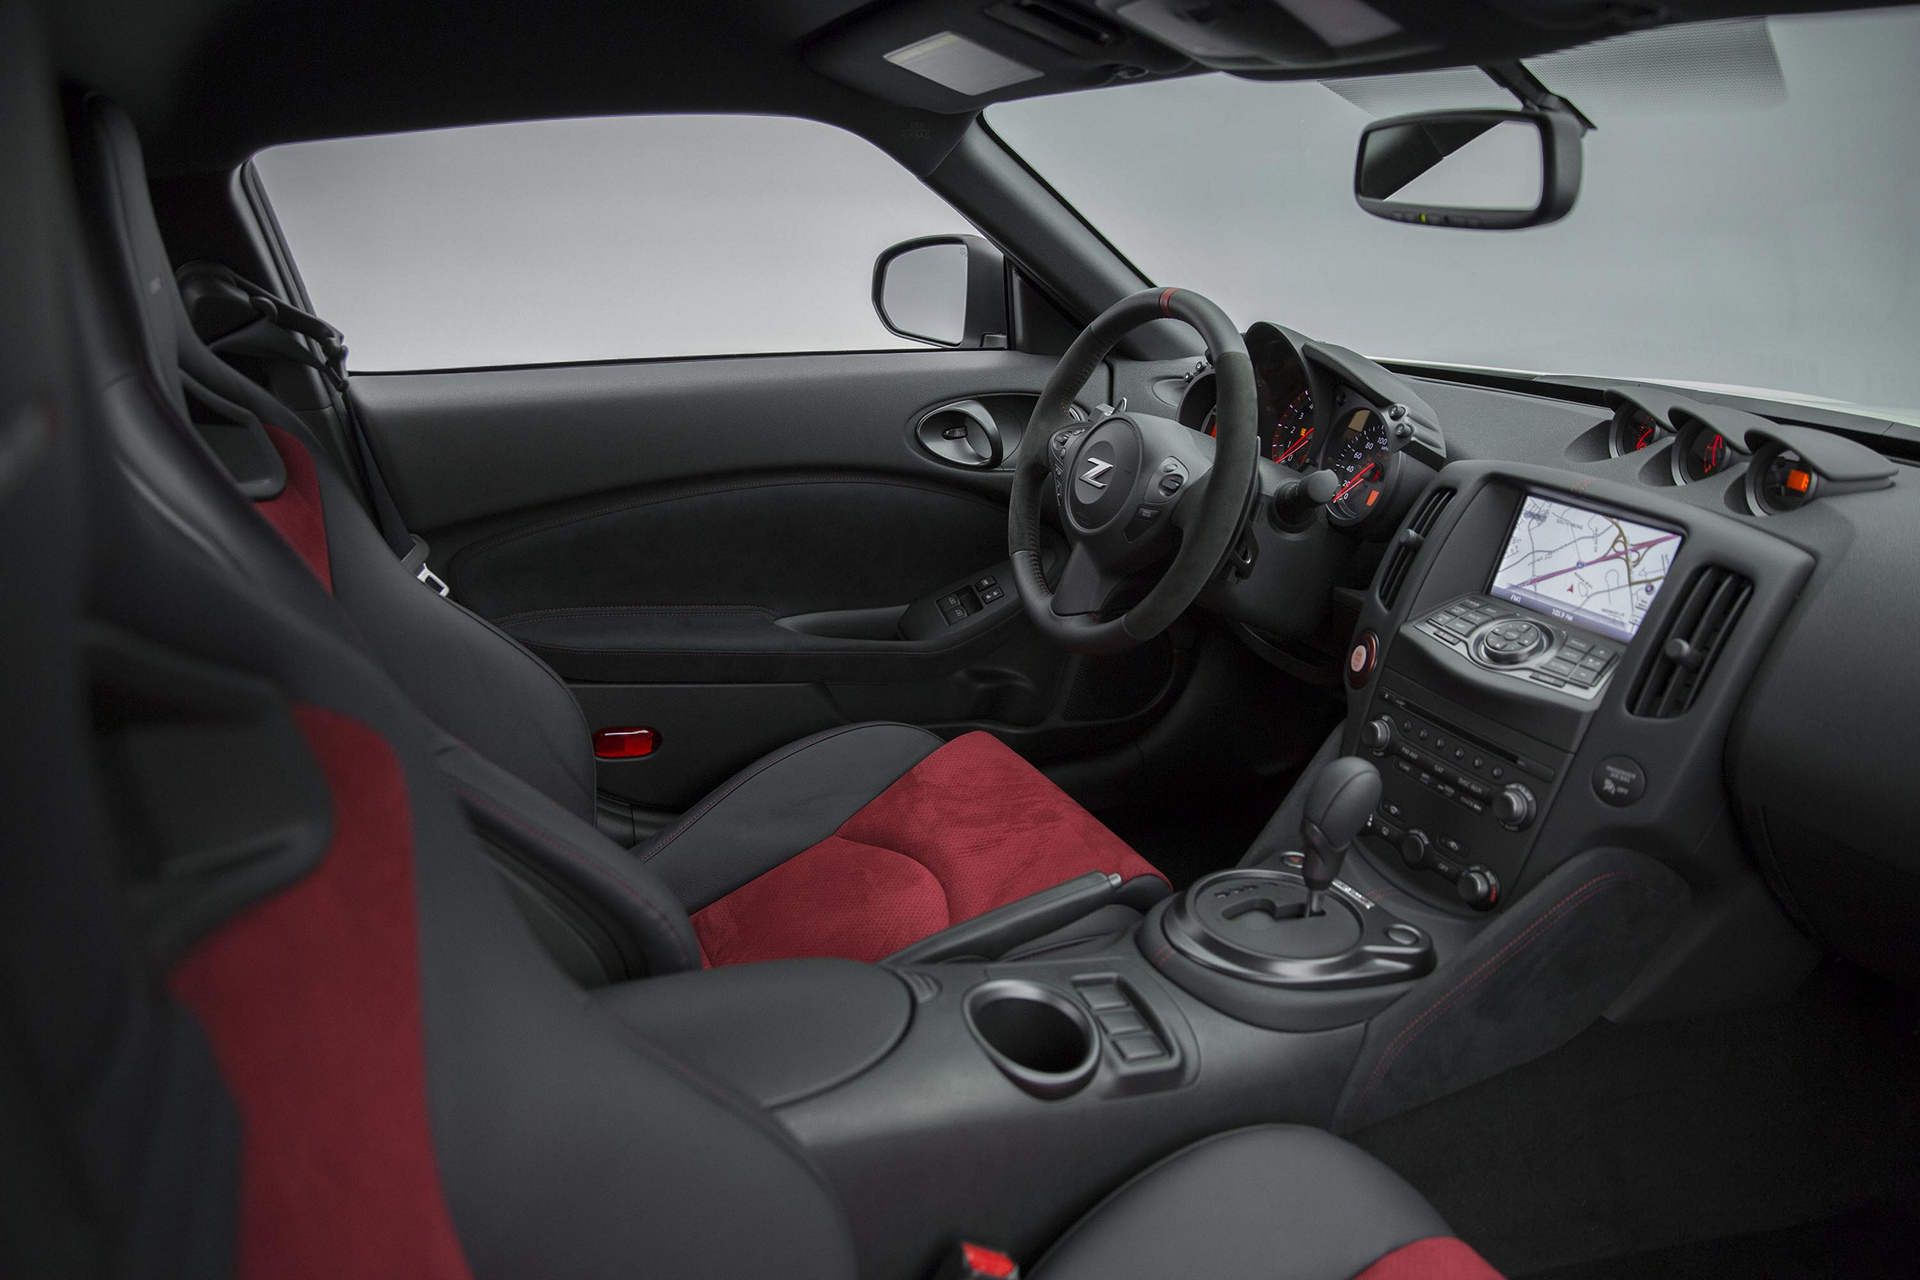 2017 Nissan 370Z NISMO © Nissan Motor Co., Ltd.